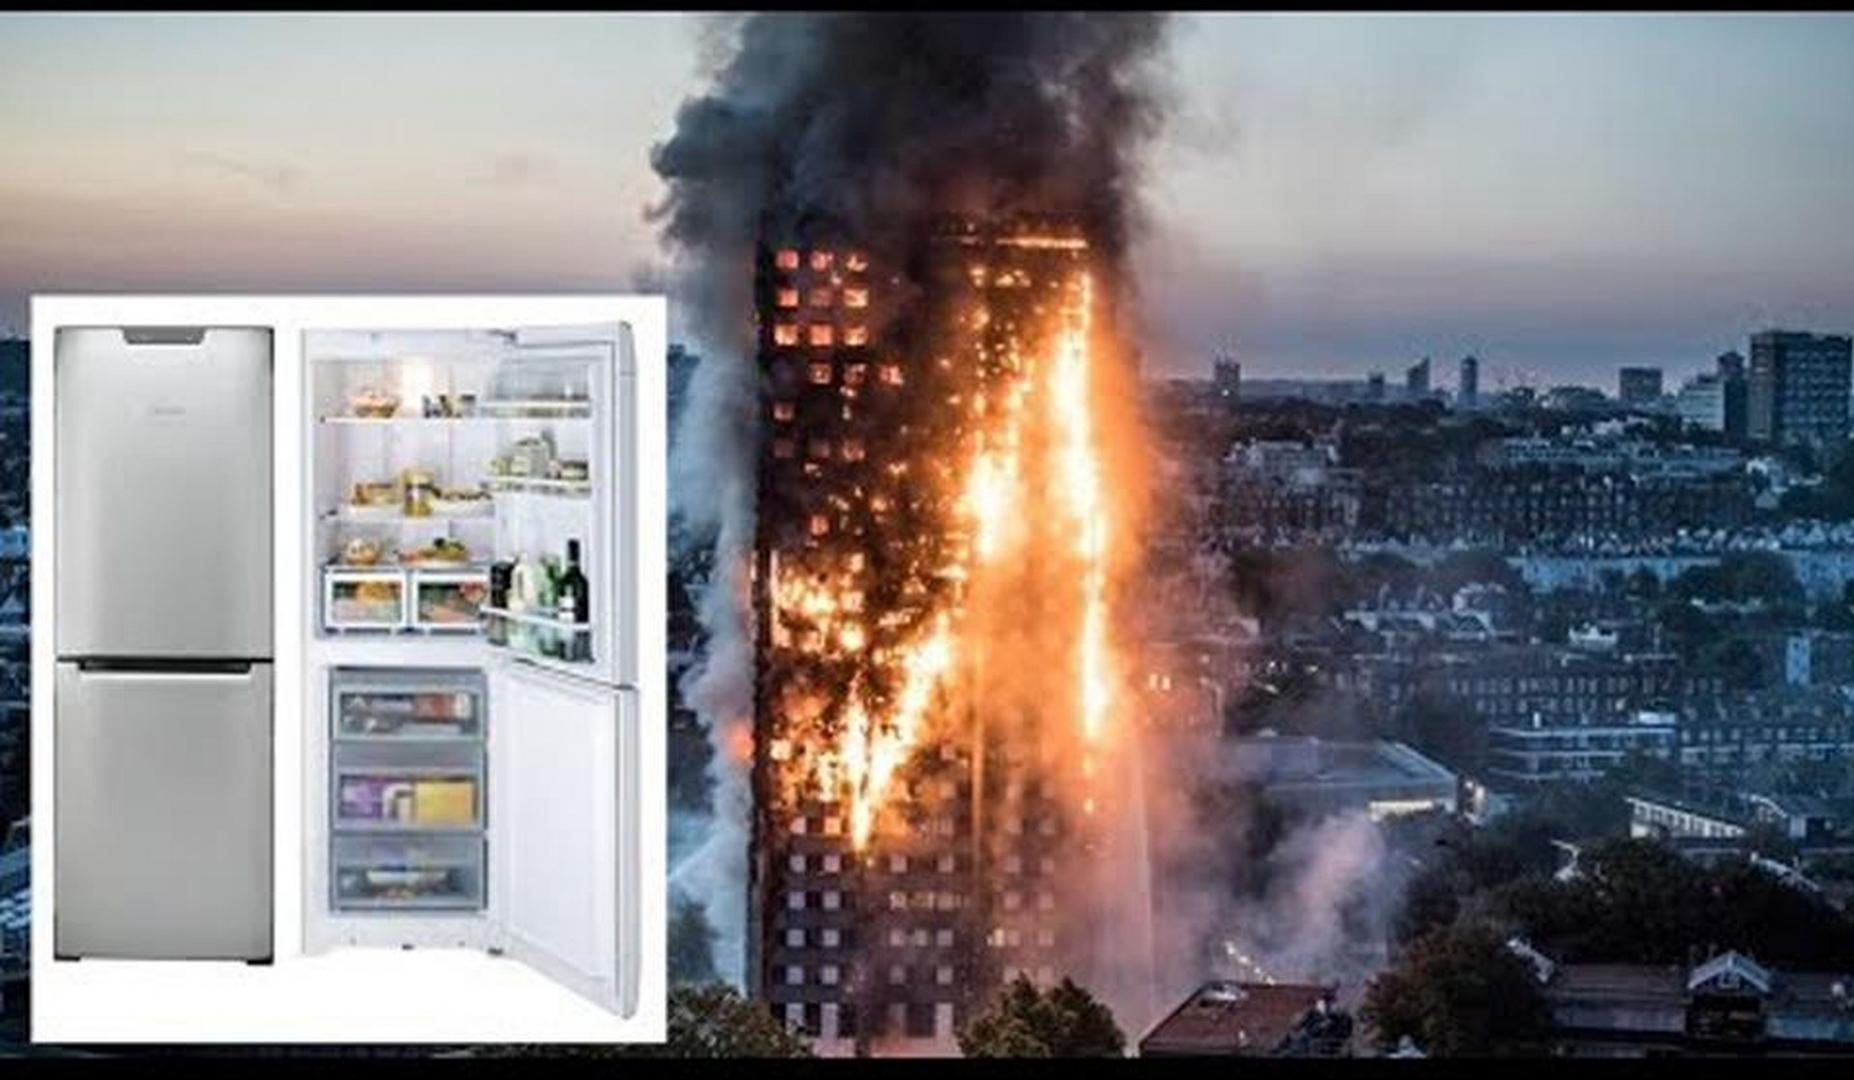 Лондонский пожар 14.06.2017 и вызвавший его холодильник Hotpoint фирмы Whirlpool